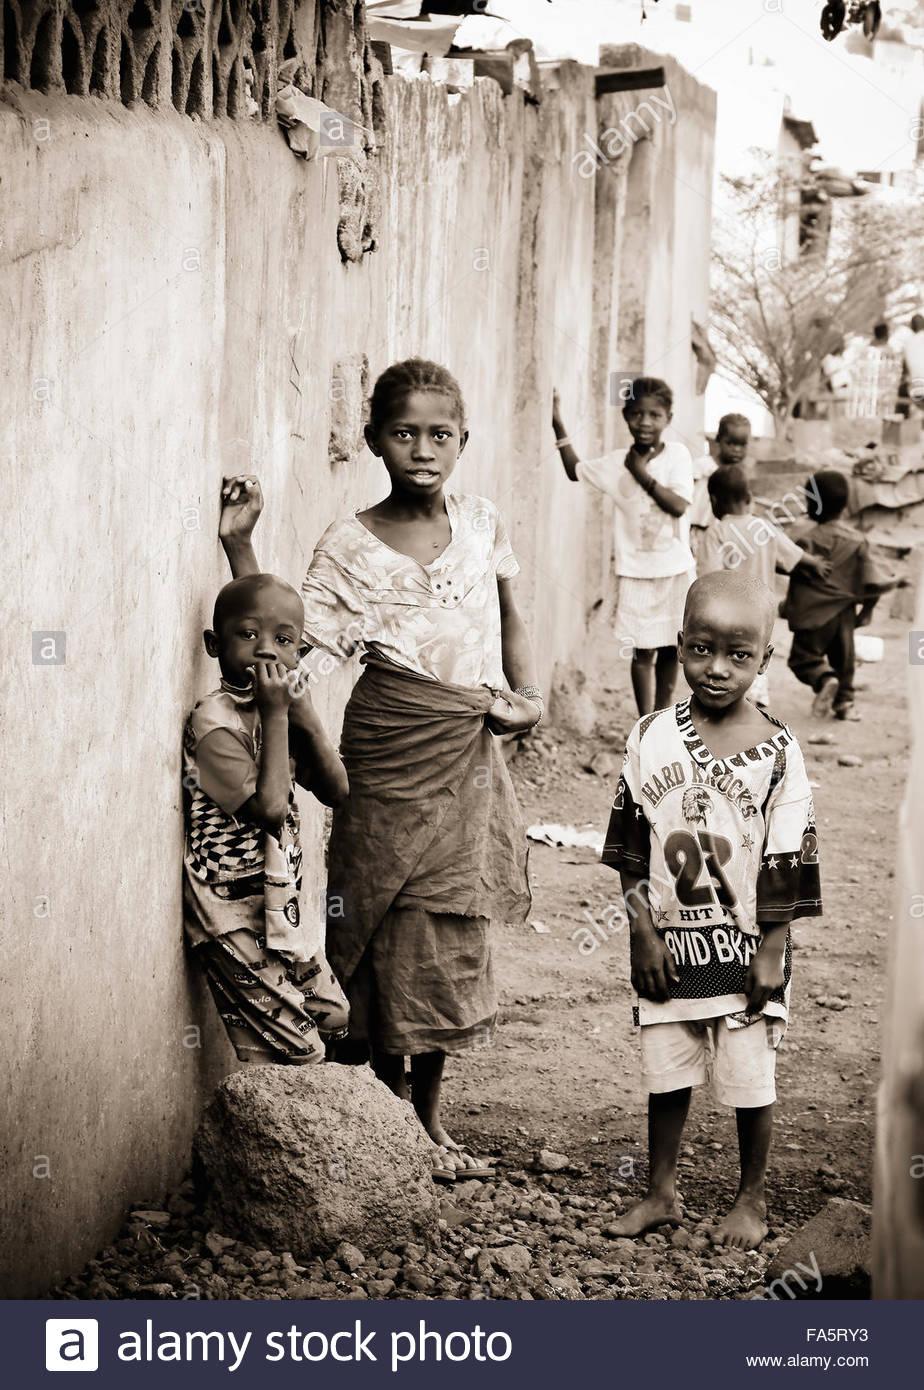 African children mali africa 2007